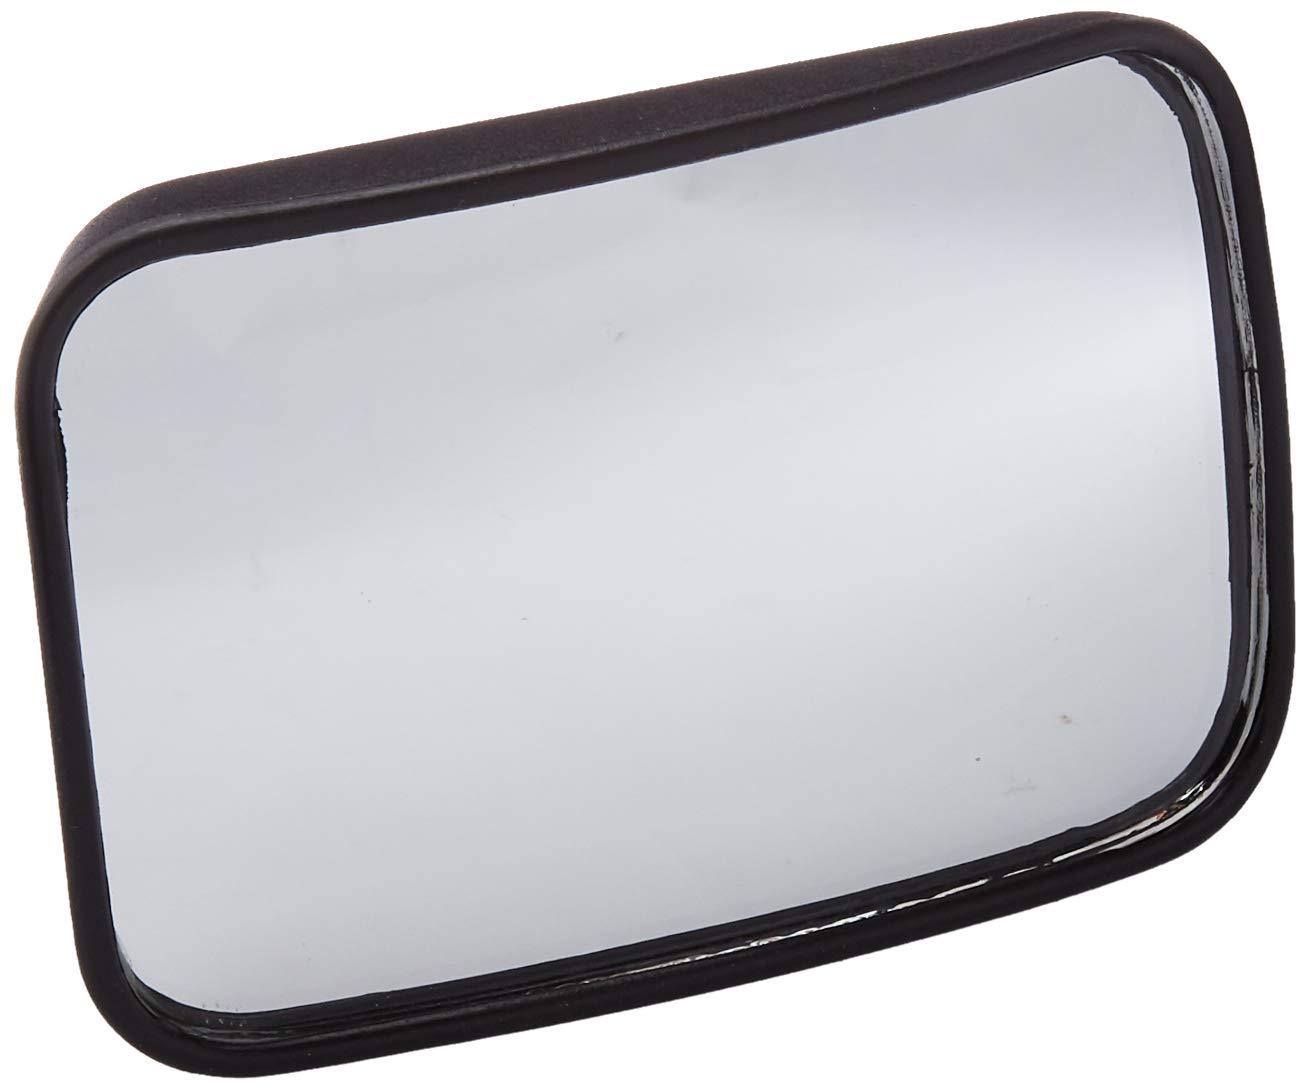 Pilot Automotive MI-007 Black Universal 2-1/2' X 3-3/4' Wedge Blind Spot Mirror, (Non-Carb Compliant)